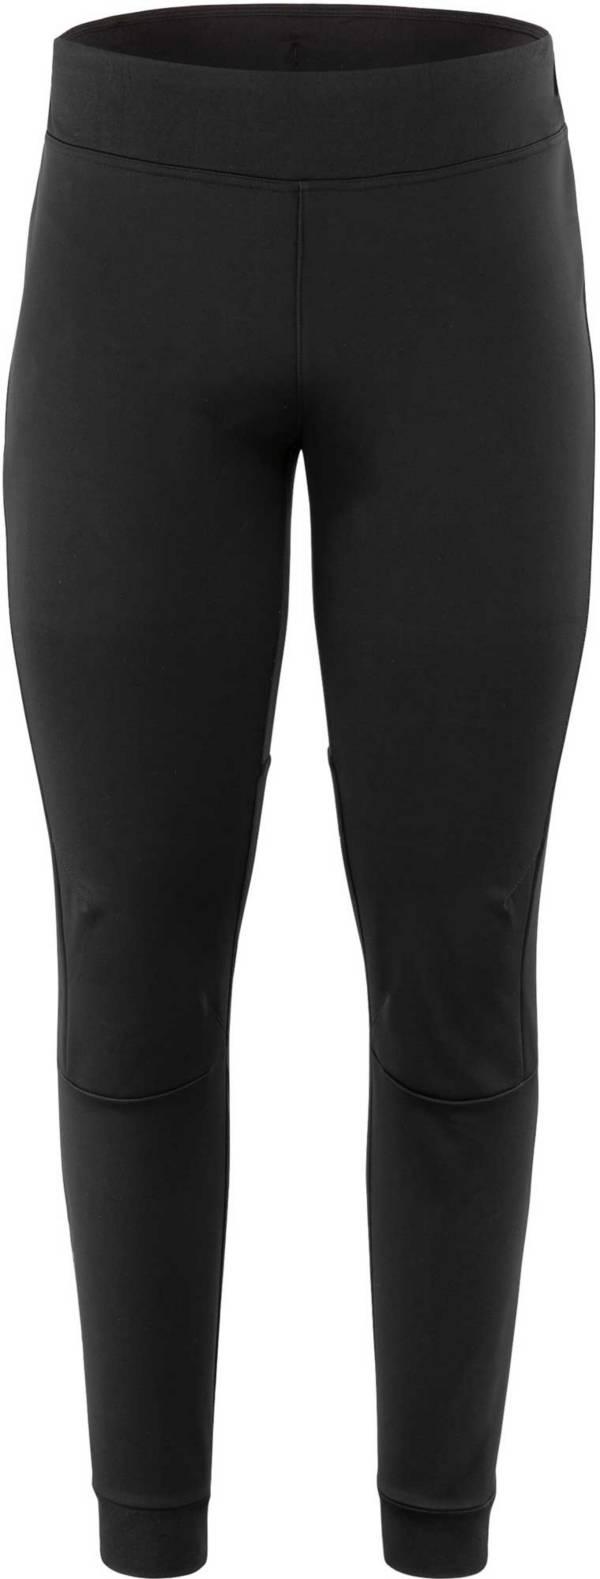 Louis Garneau Men's Element Pants product image